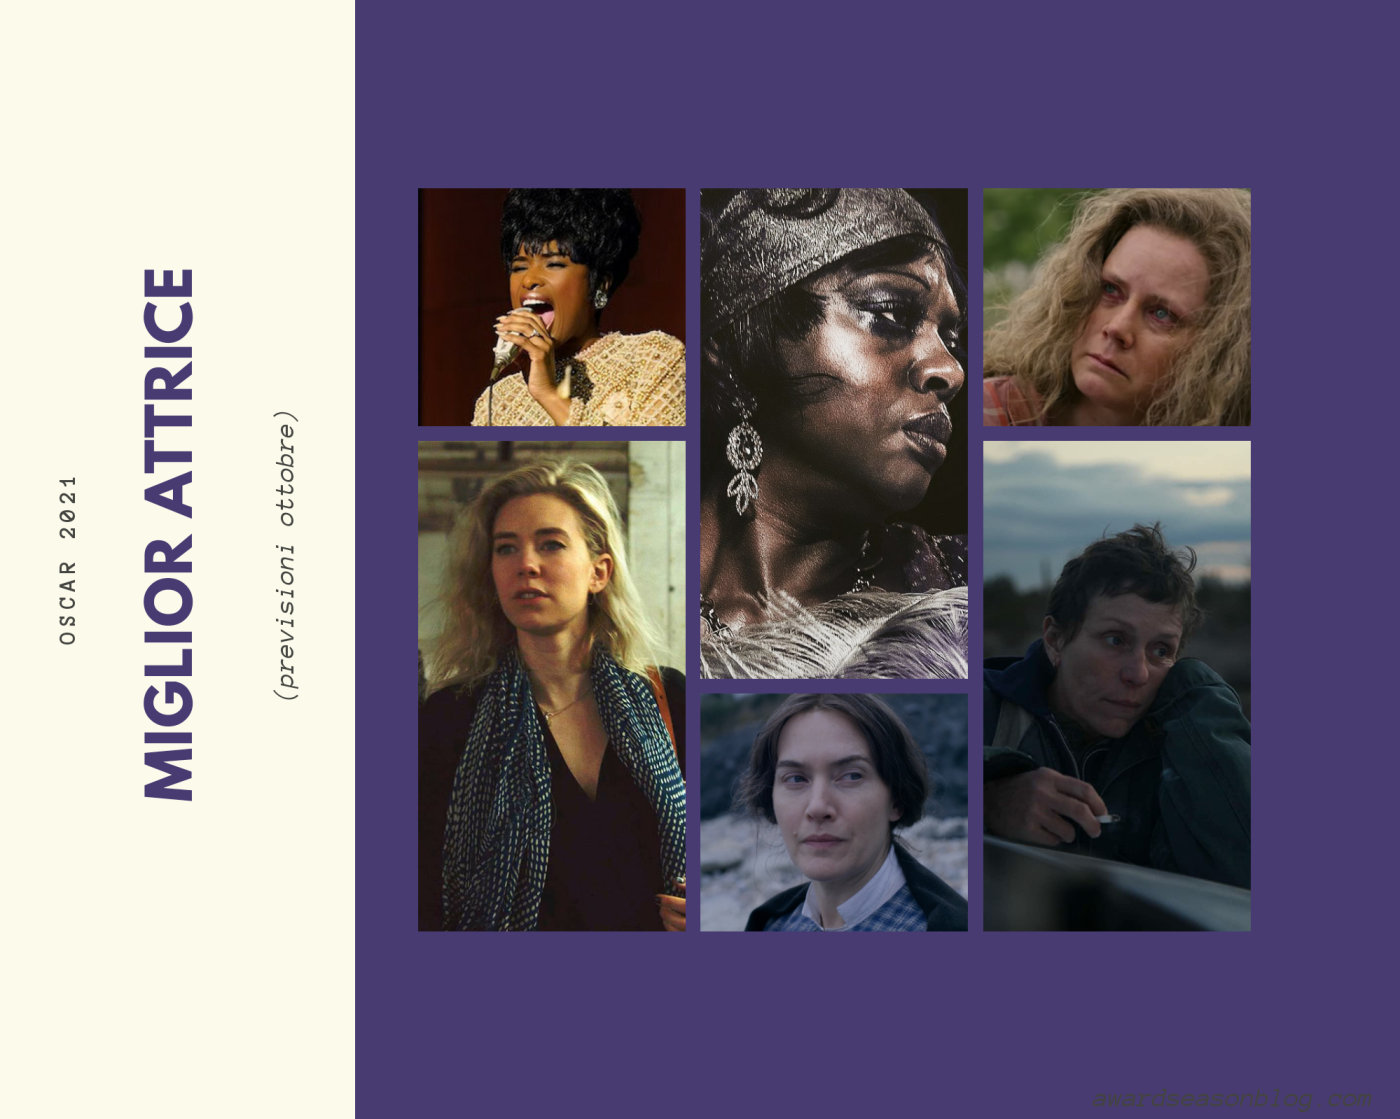 Oscar 2021: quali sono le 12 migliori attrici che possono ambire ad una nomination?